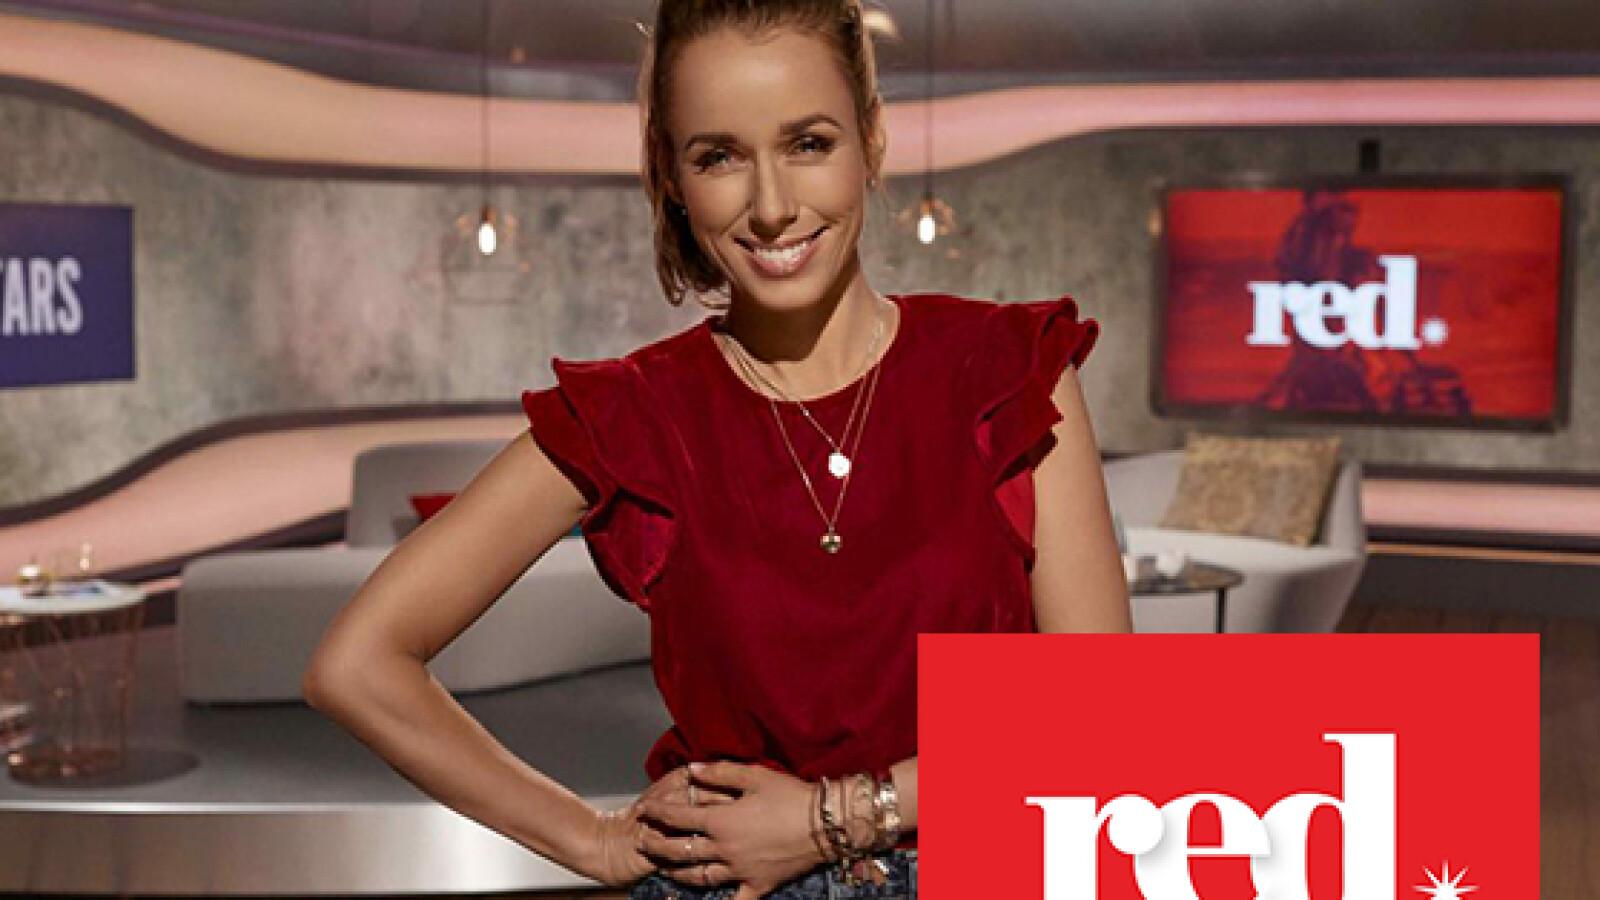 Red Magazin Prosieben